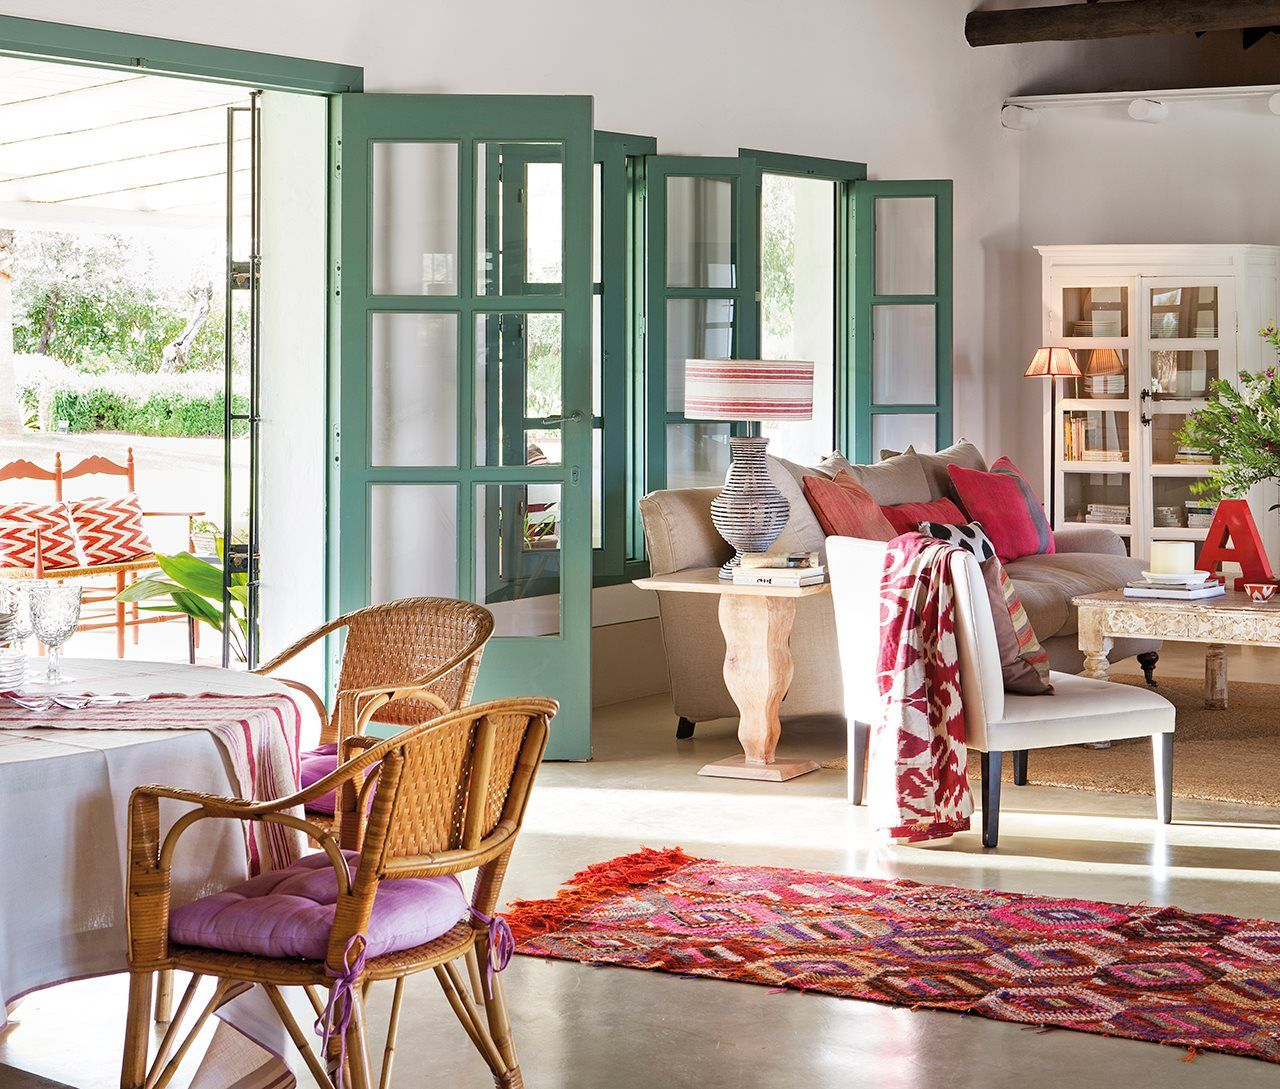 Una casa de verano en el sur llena de color · ElMueble.com · Casas ...